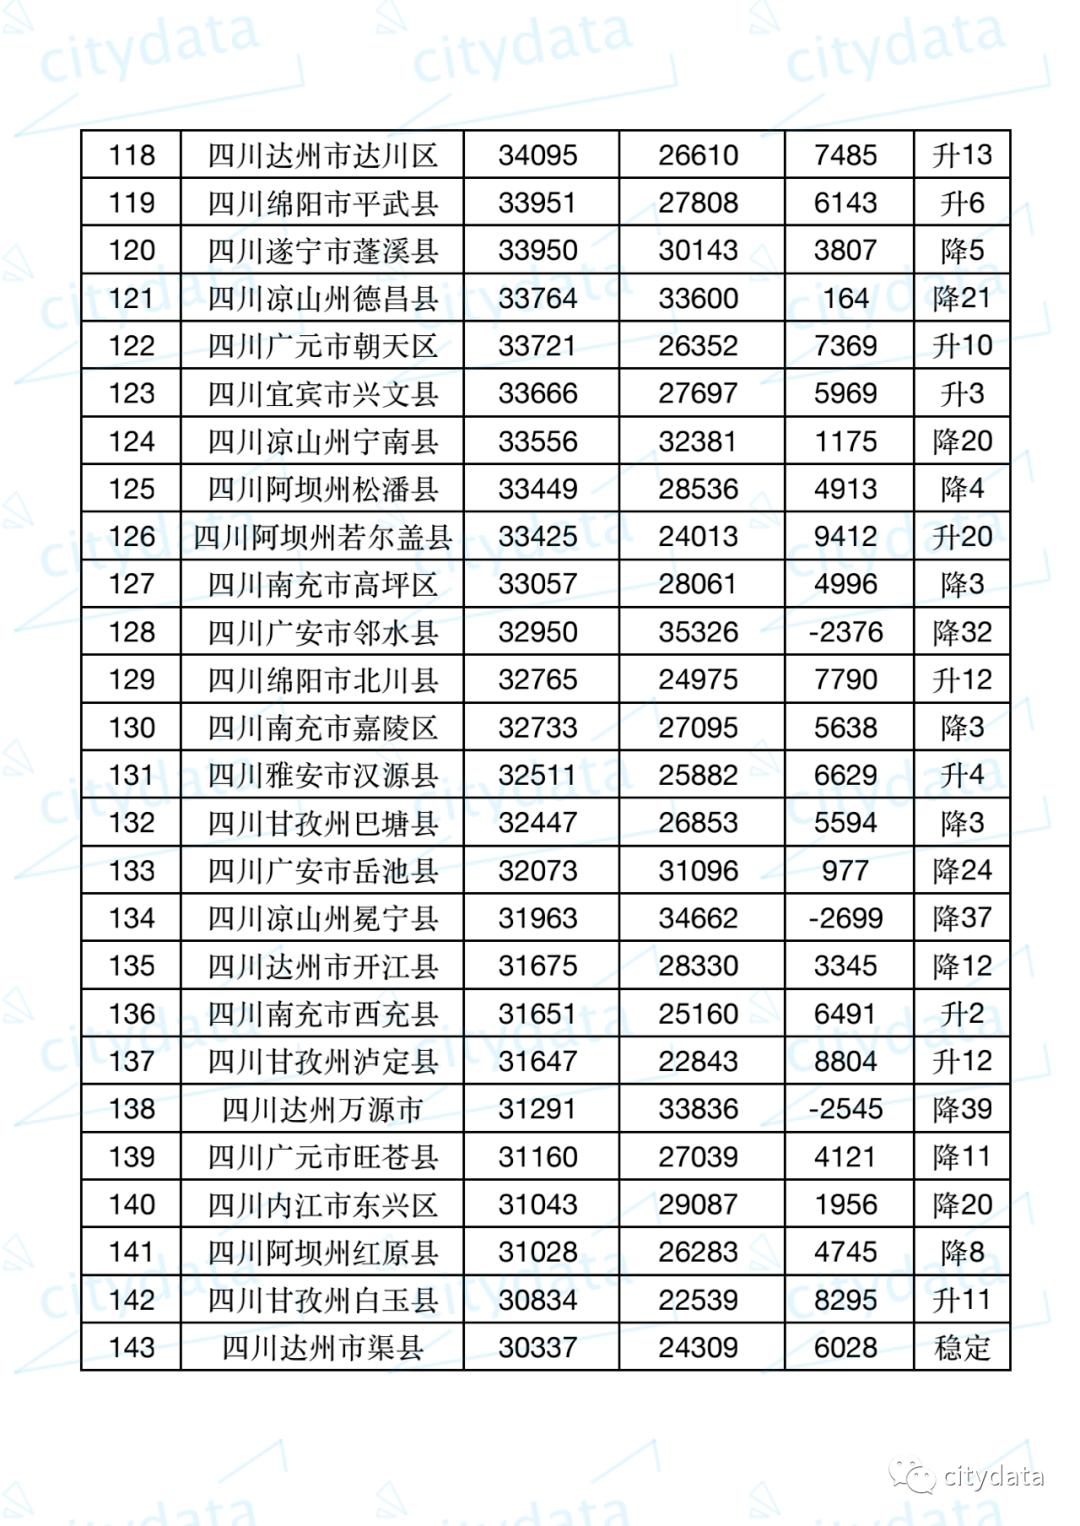 成都2019年gdp_2019年四川省地级城市人均GDP排名成都市超10万元居全省第一